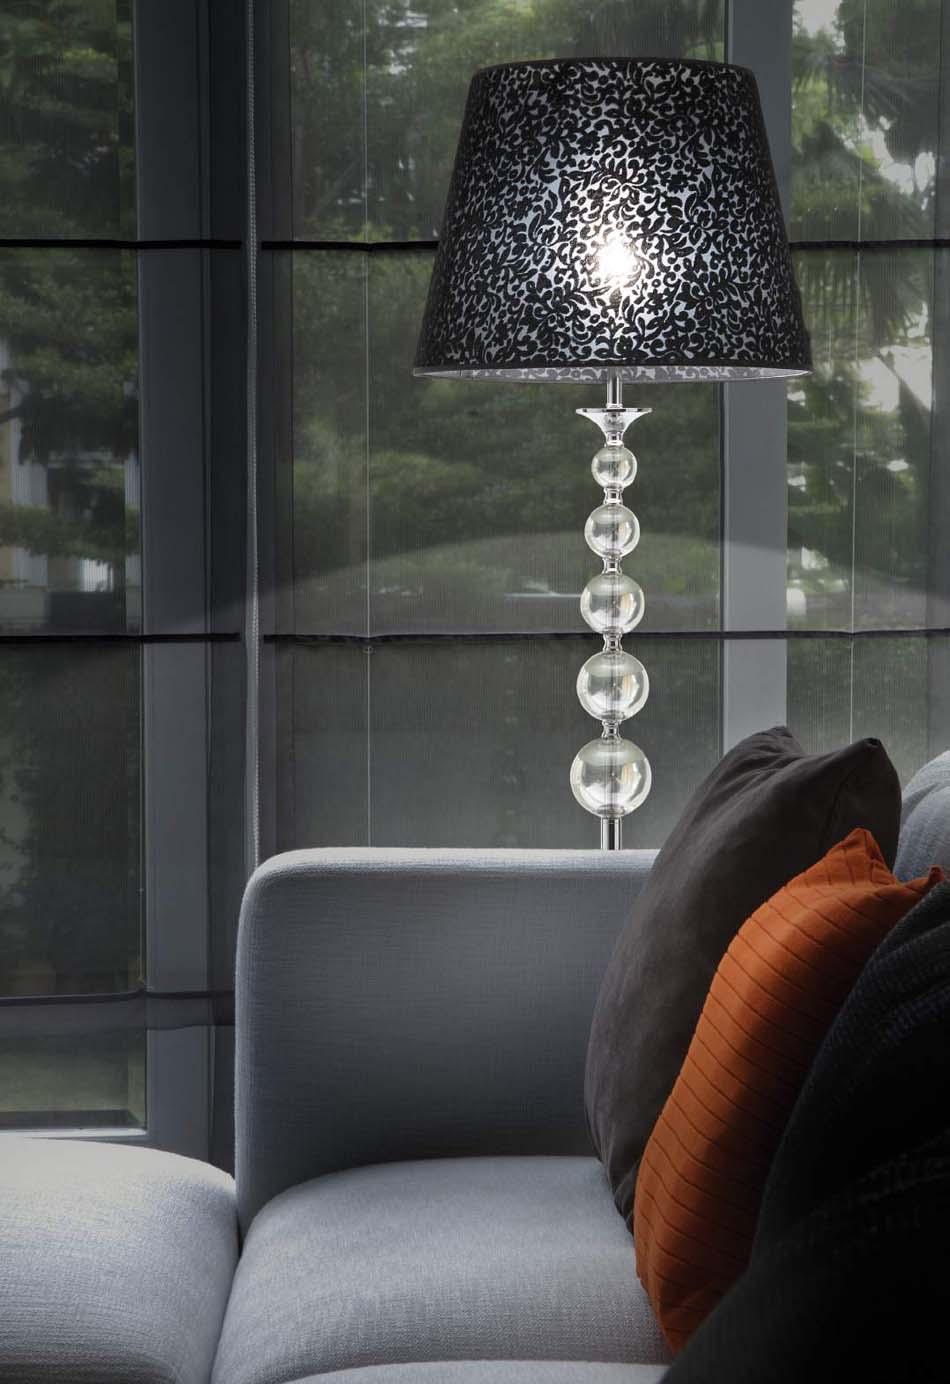 Lampade 07 Ideal Lux Step – Bruni Arredamenti